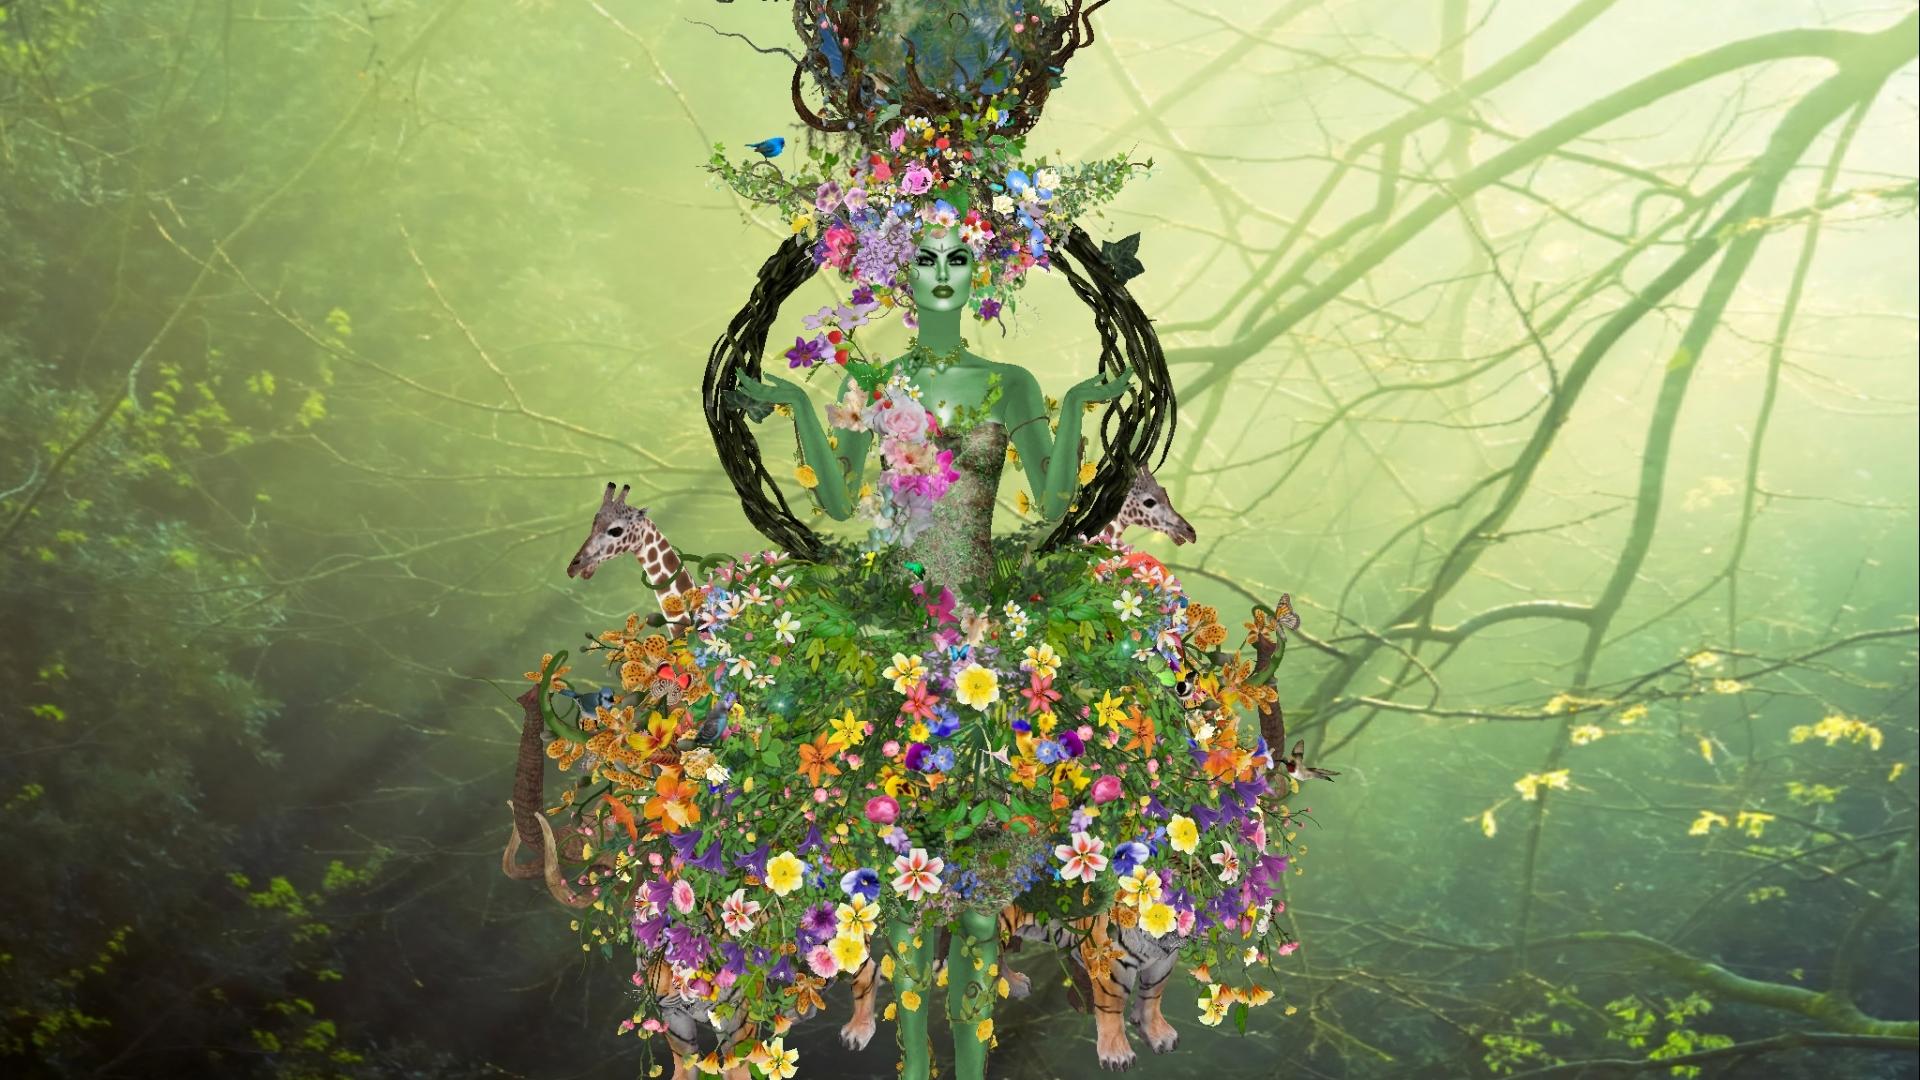 Flores y la madre abstracta - 1920x1080